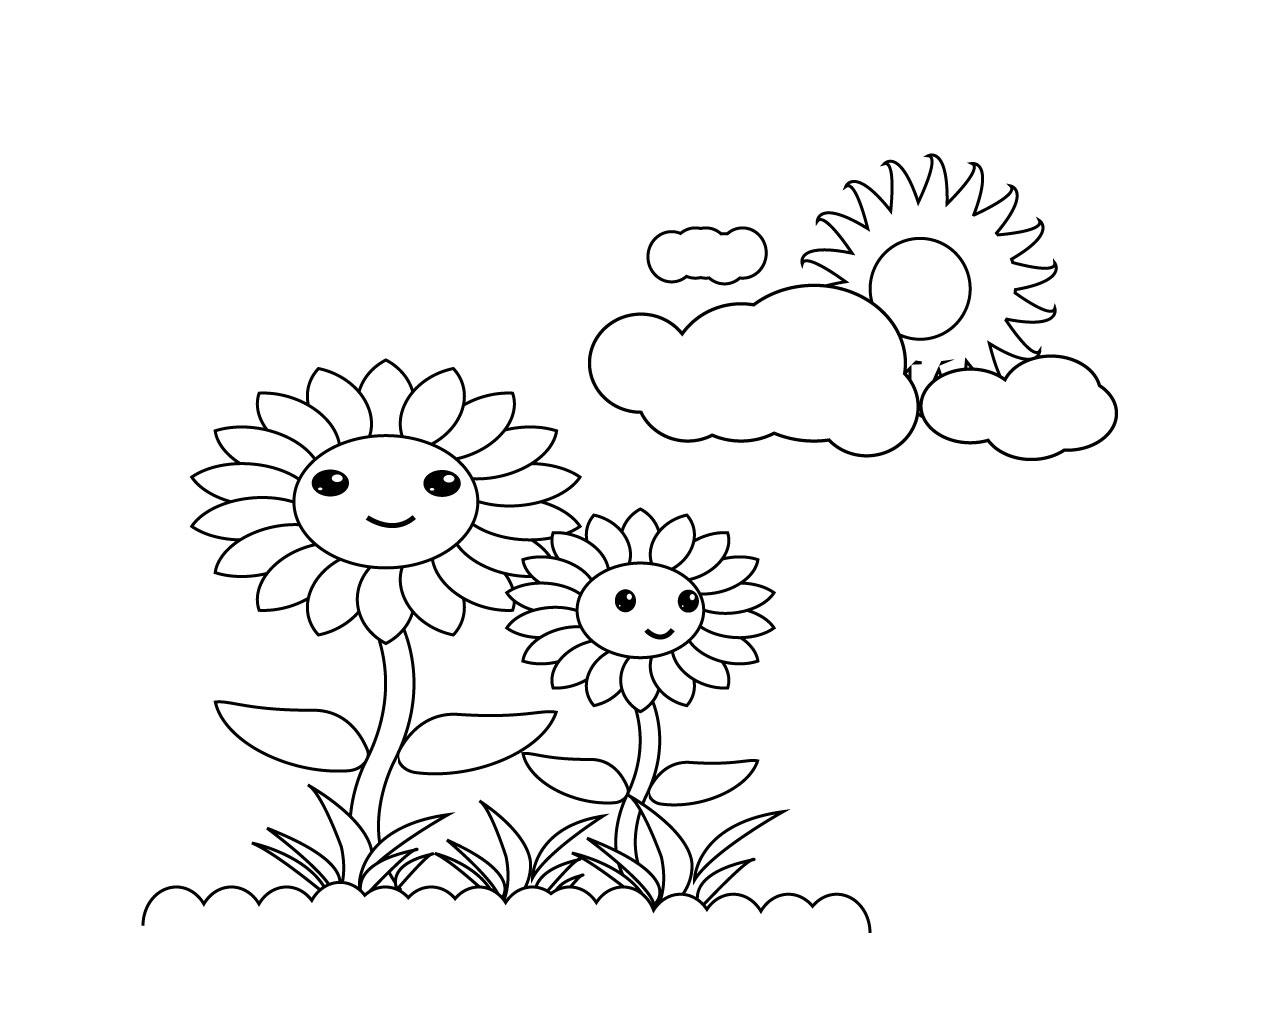 Tranh tô màu hoa hướng dương siêu đẹp